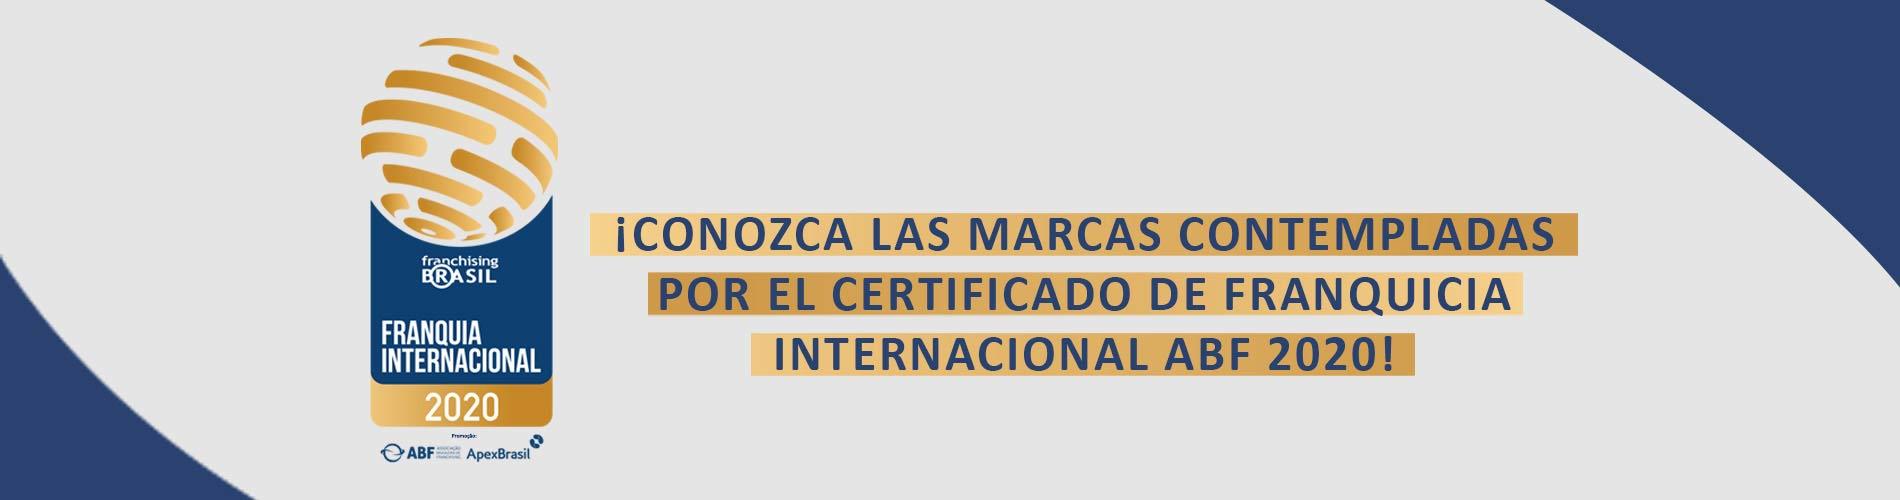 franchising-brasil-certificado-de-franquias-espan01